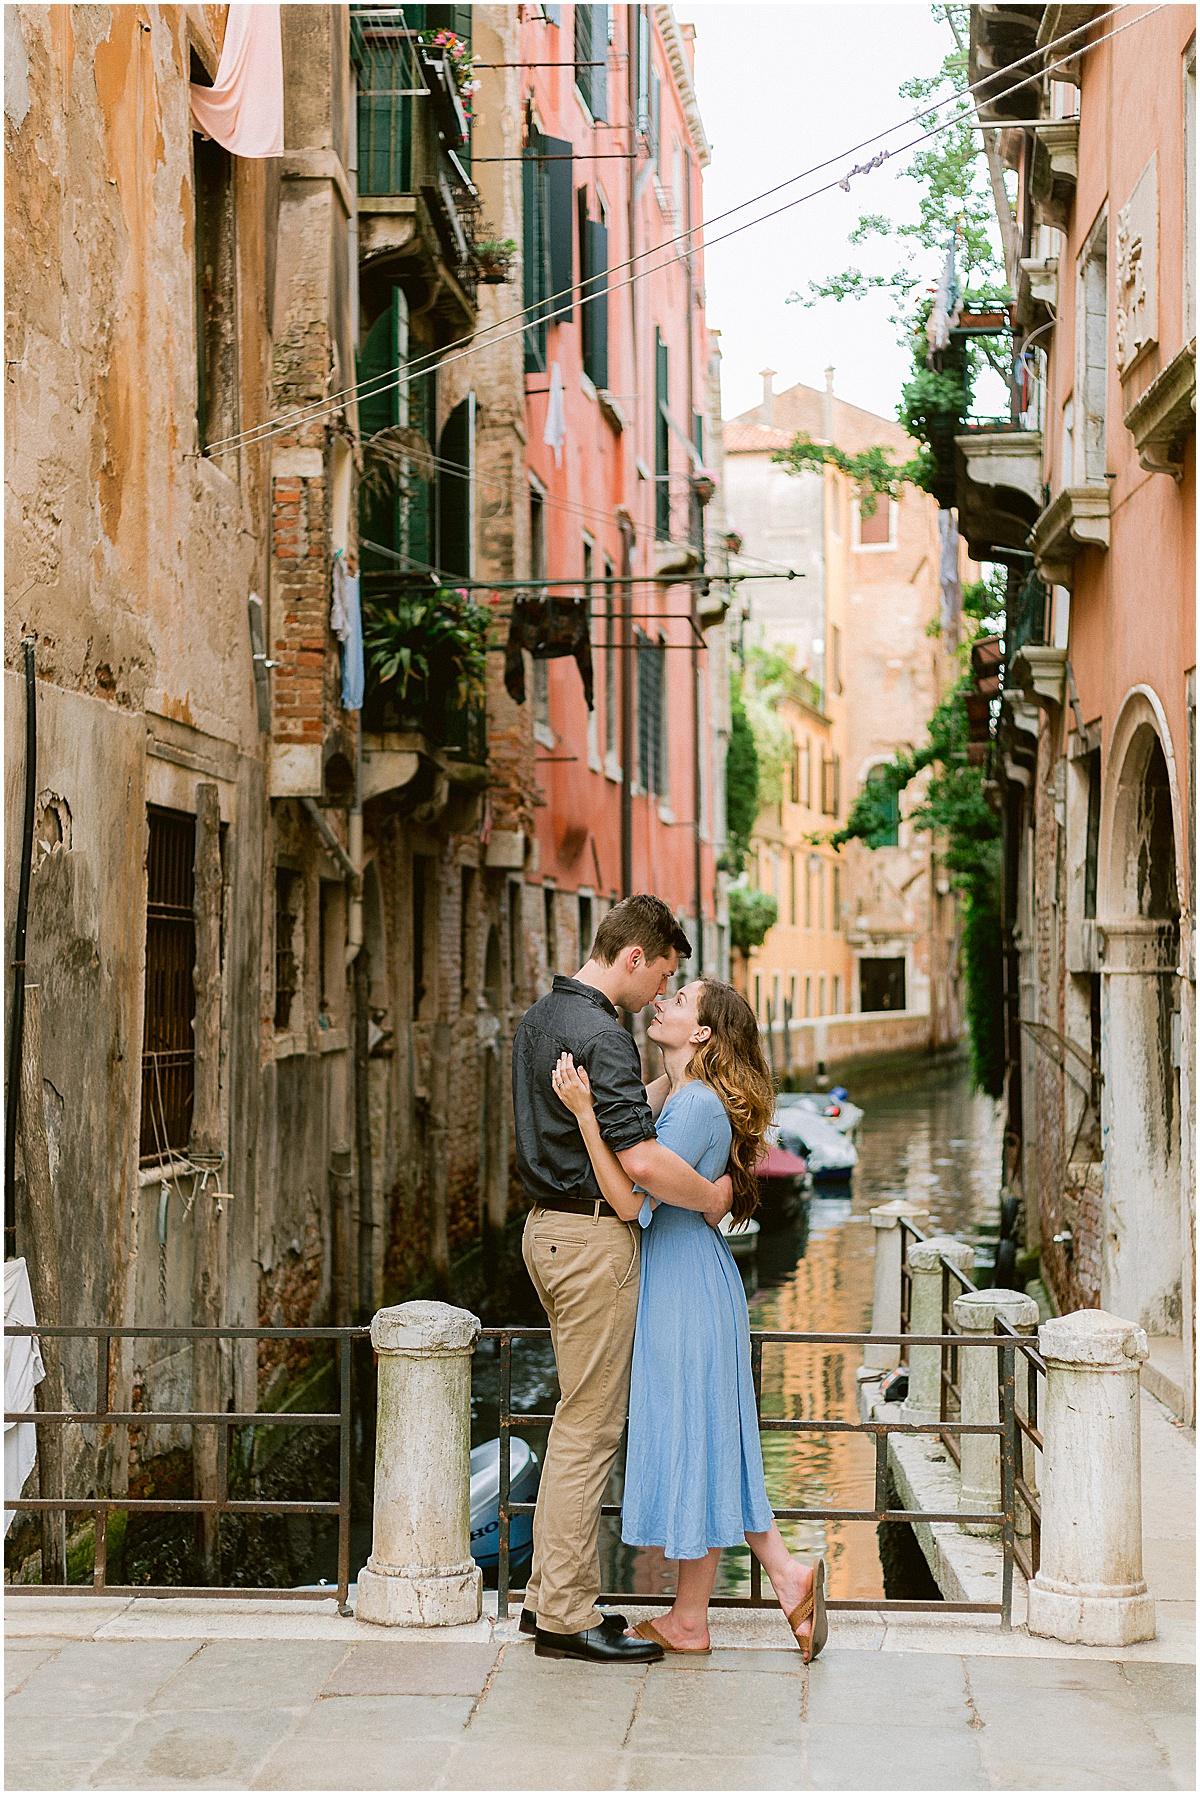 lifestyle-photographer-couple-in-venice-gondola-sunset-stefano-degirmenci_0319.jpg